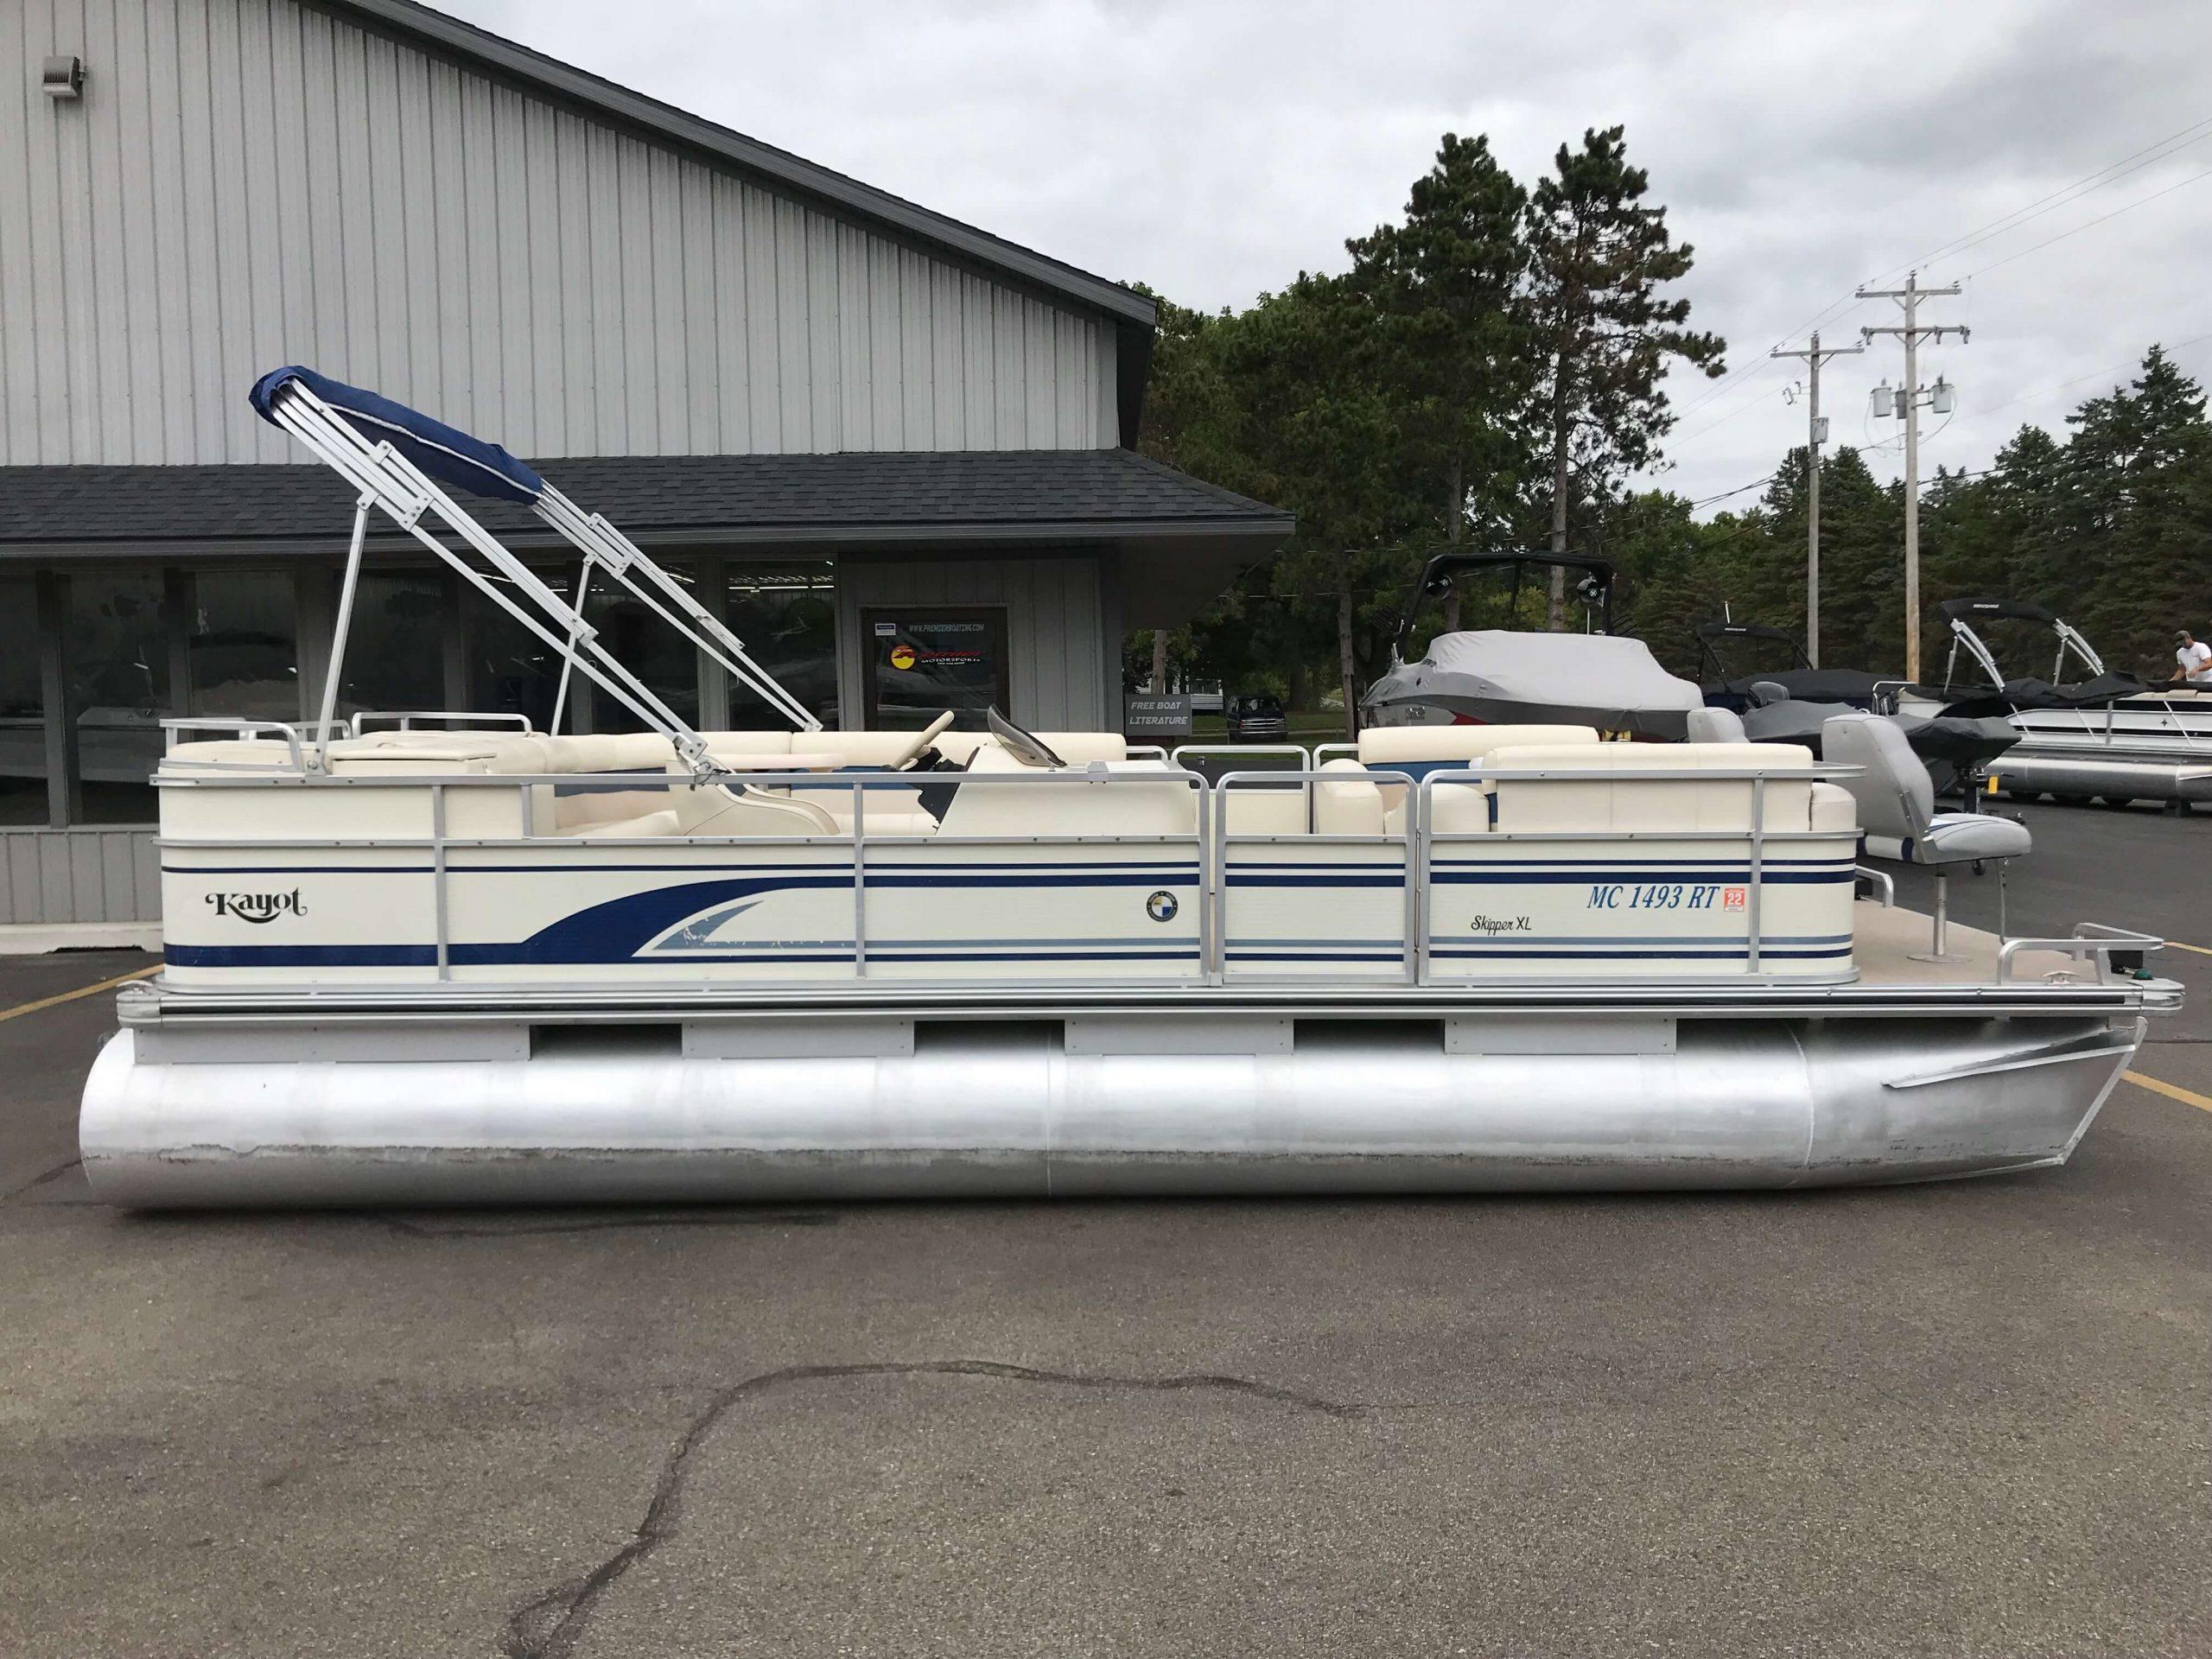 1998 Harris Kayot Skipper XL Pontoon Boat 15